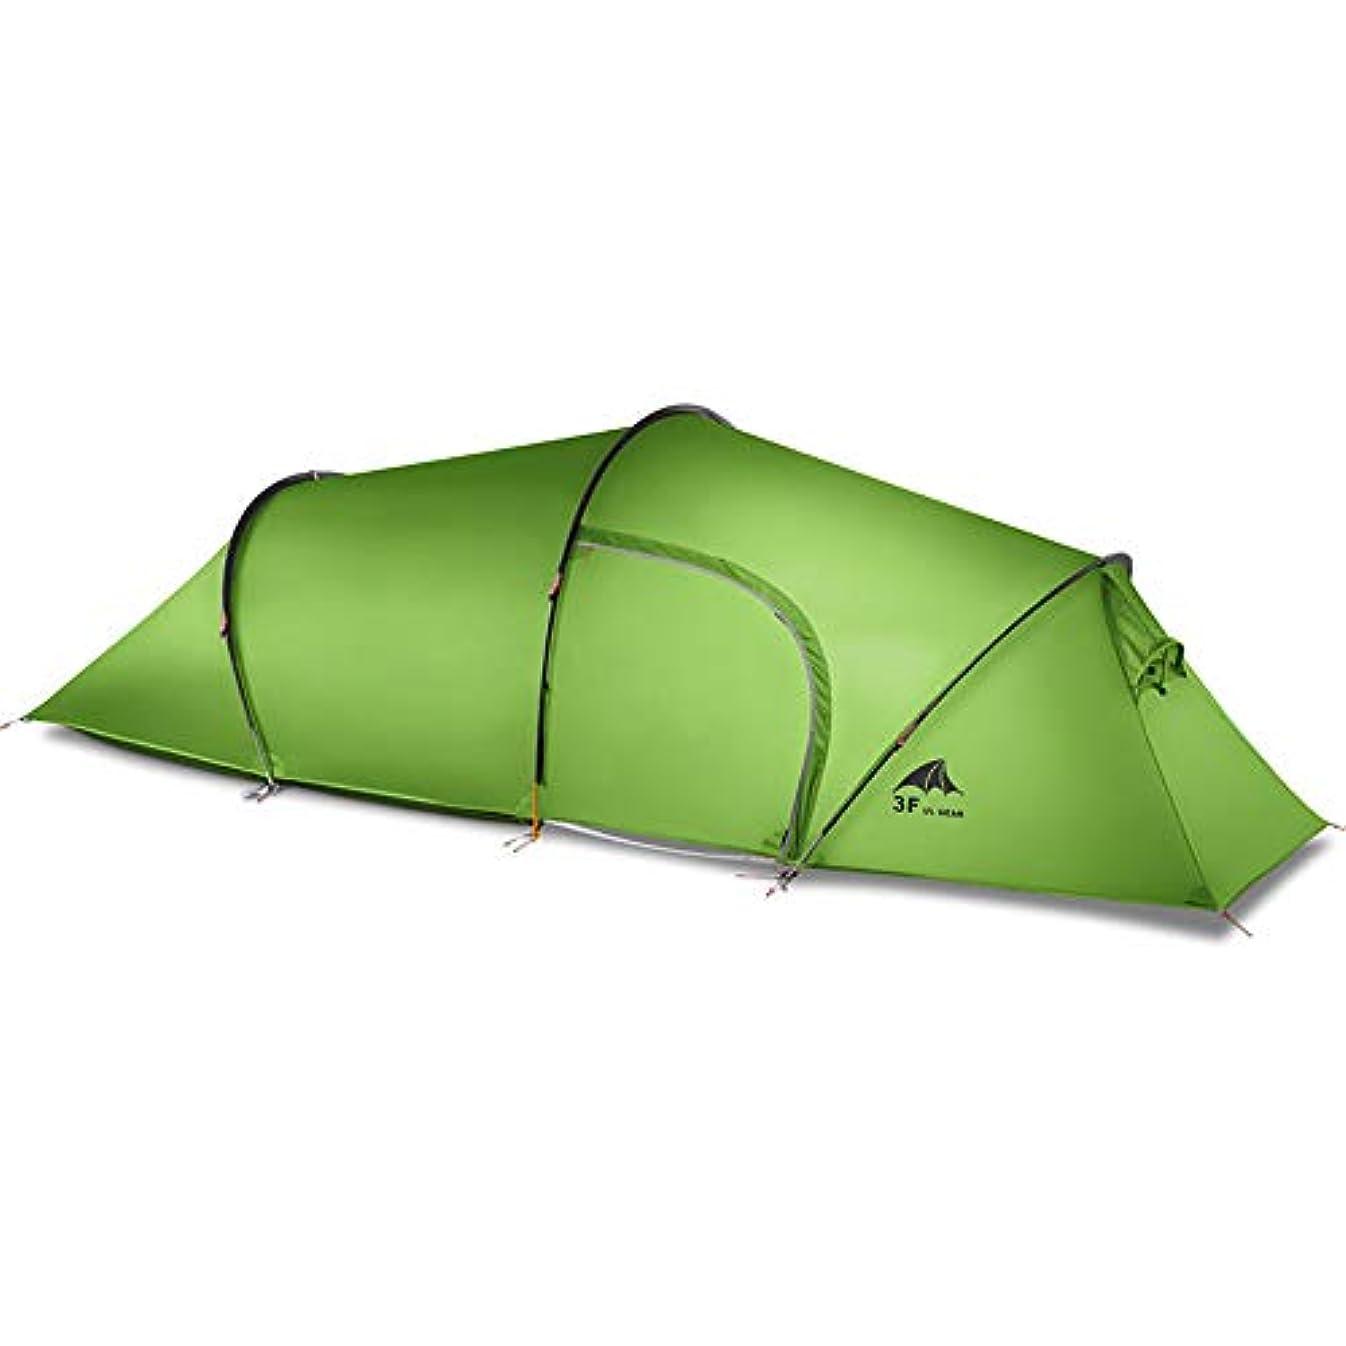 ガジュマルマイナスメイエラ1つの寝室および1つの大きい居間が付いているXBR 2-3人家族のトンネルのテント、日除け、防水キャンプのテント、バックパック、屋外のバックパック、ハイキングおよびハイキング(緑)